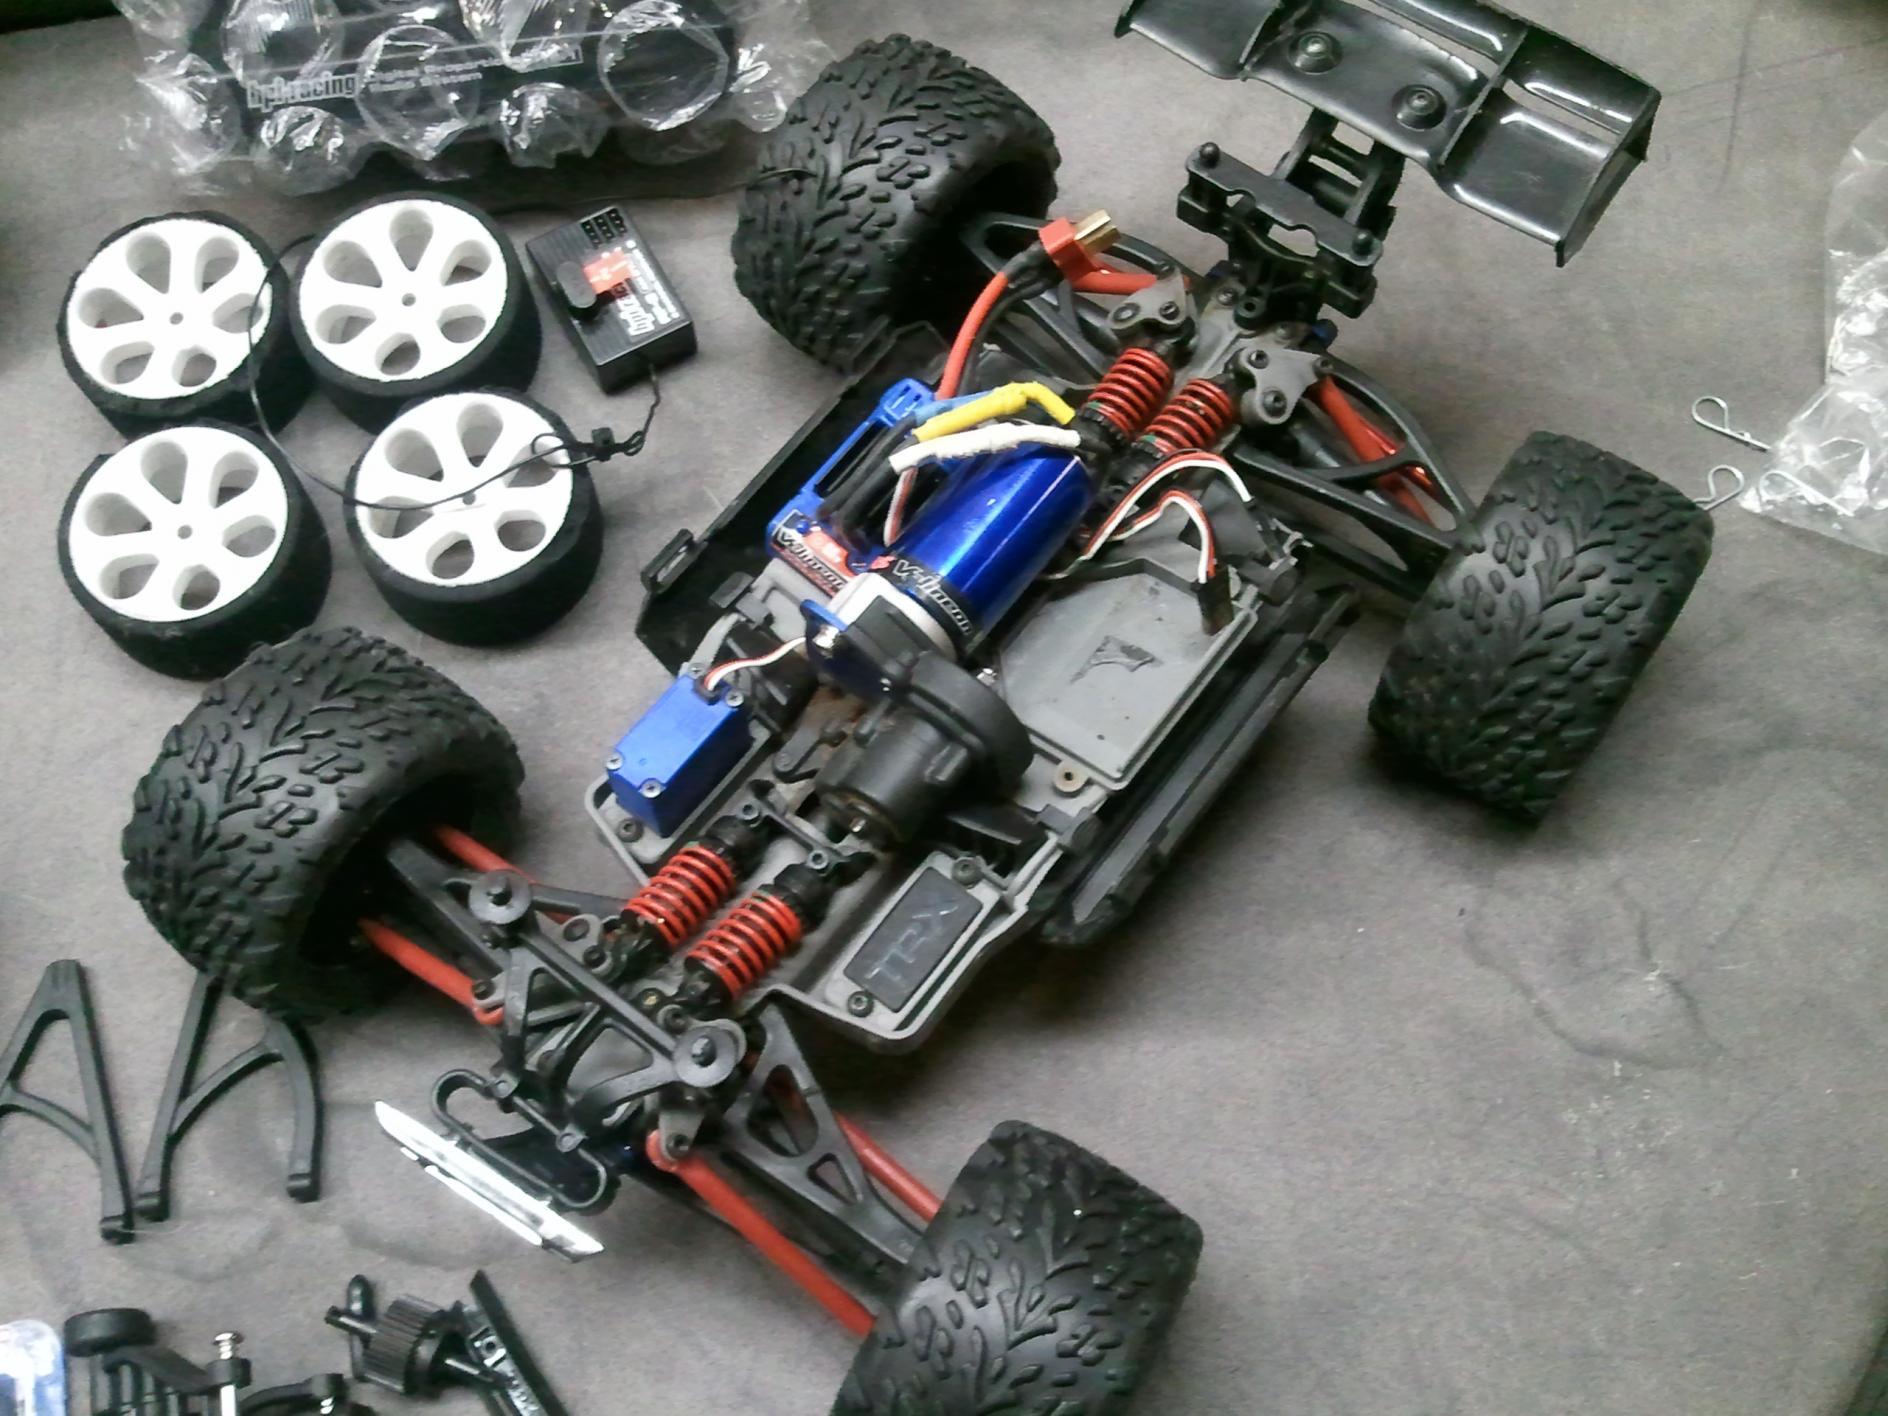 1 16 scale E revo VXL 2011 04 25 22 24